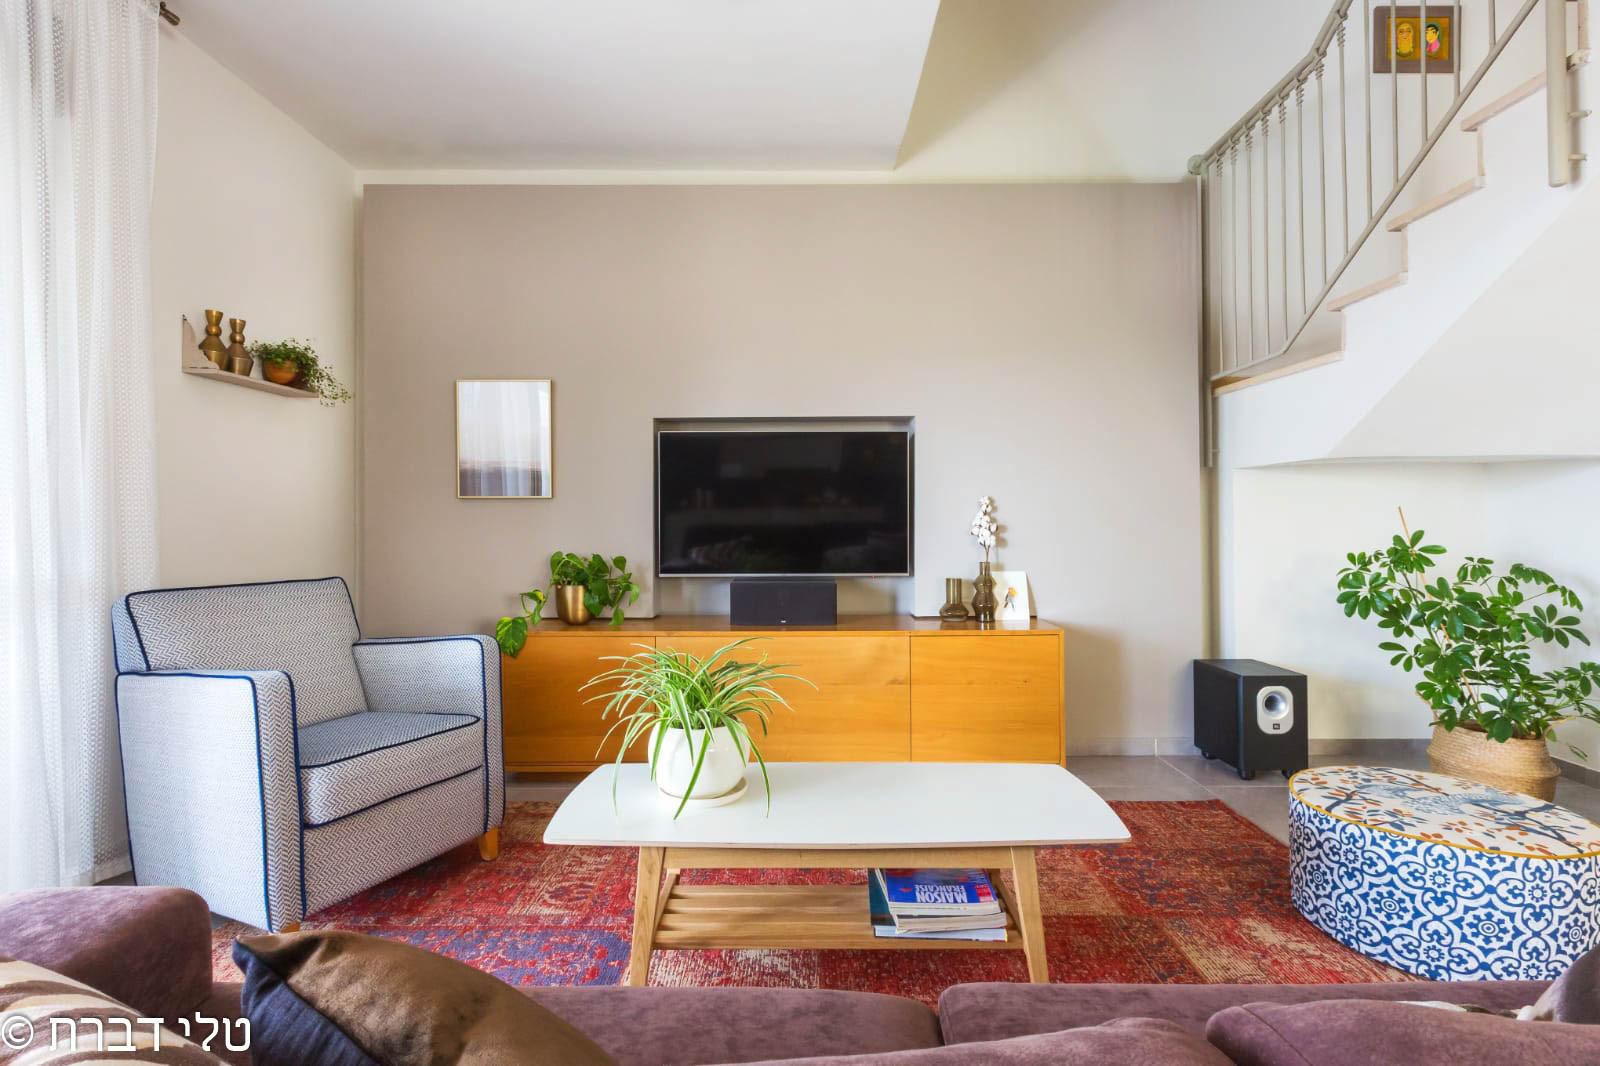 דירה מהממת למכירה בצור יגאל